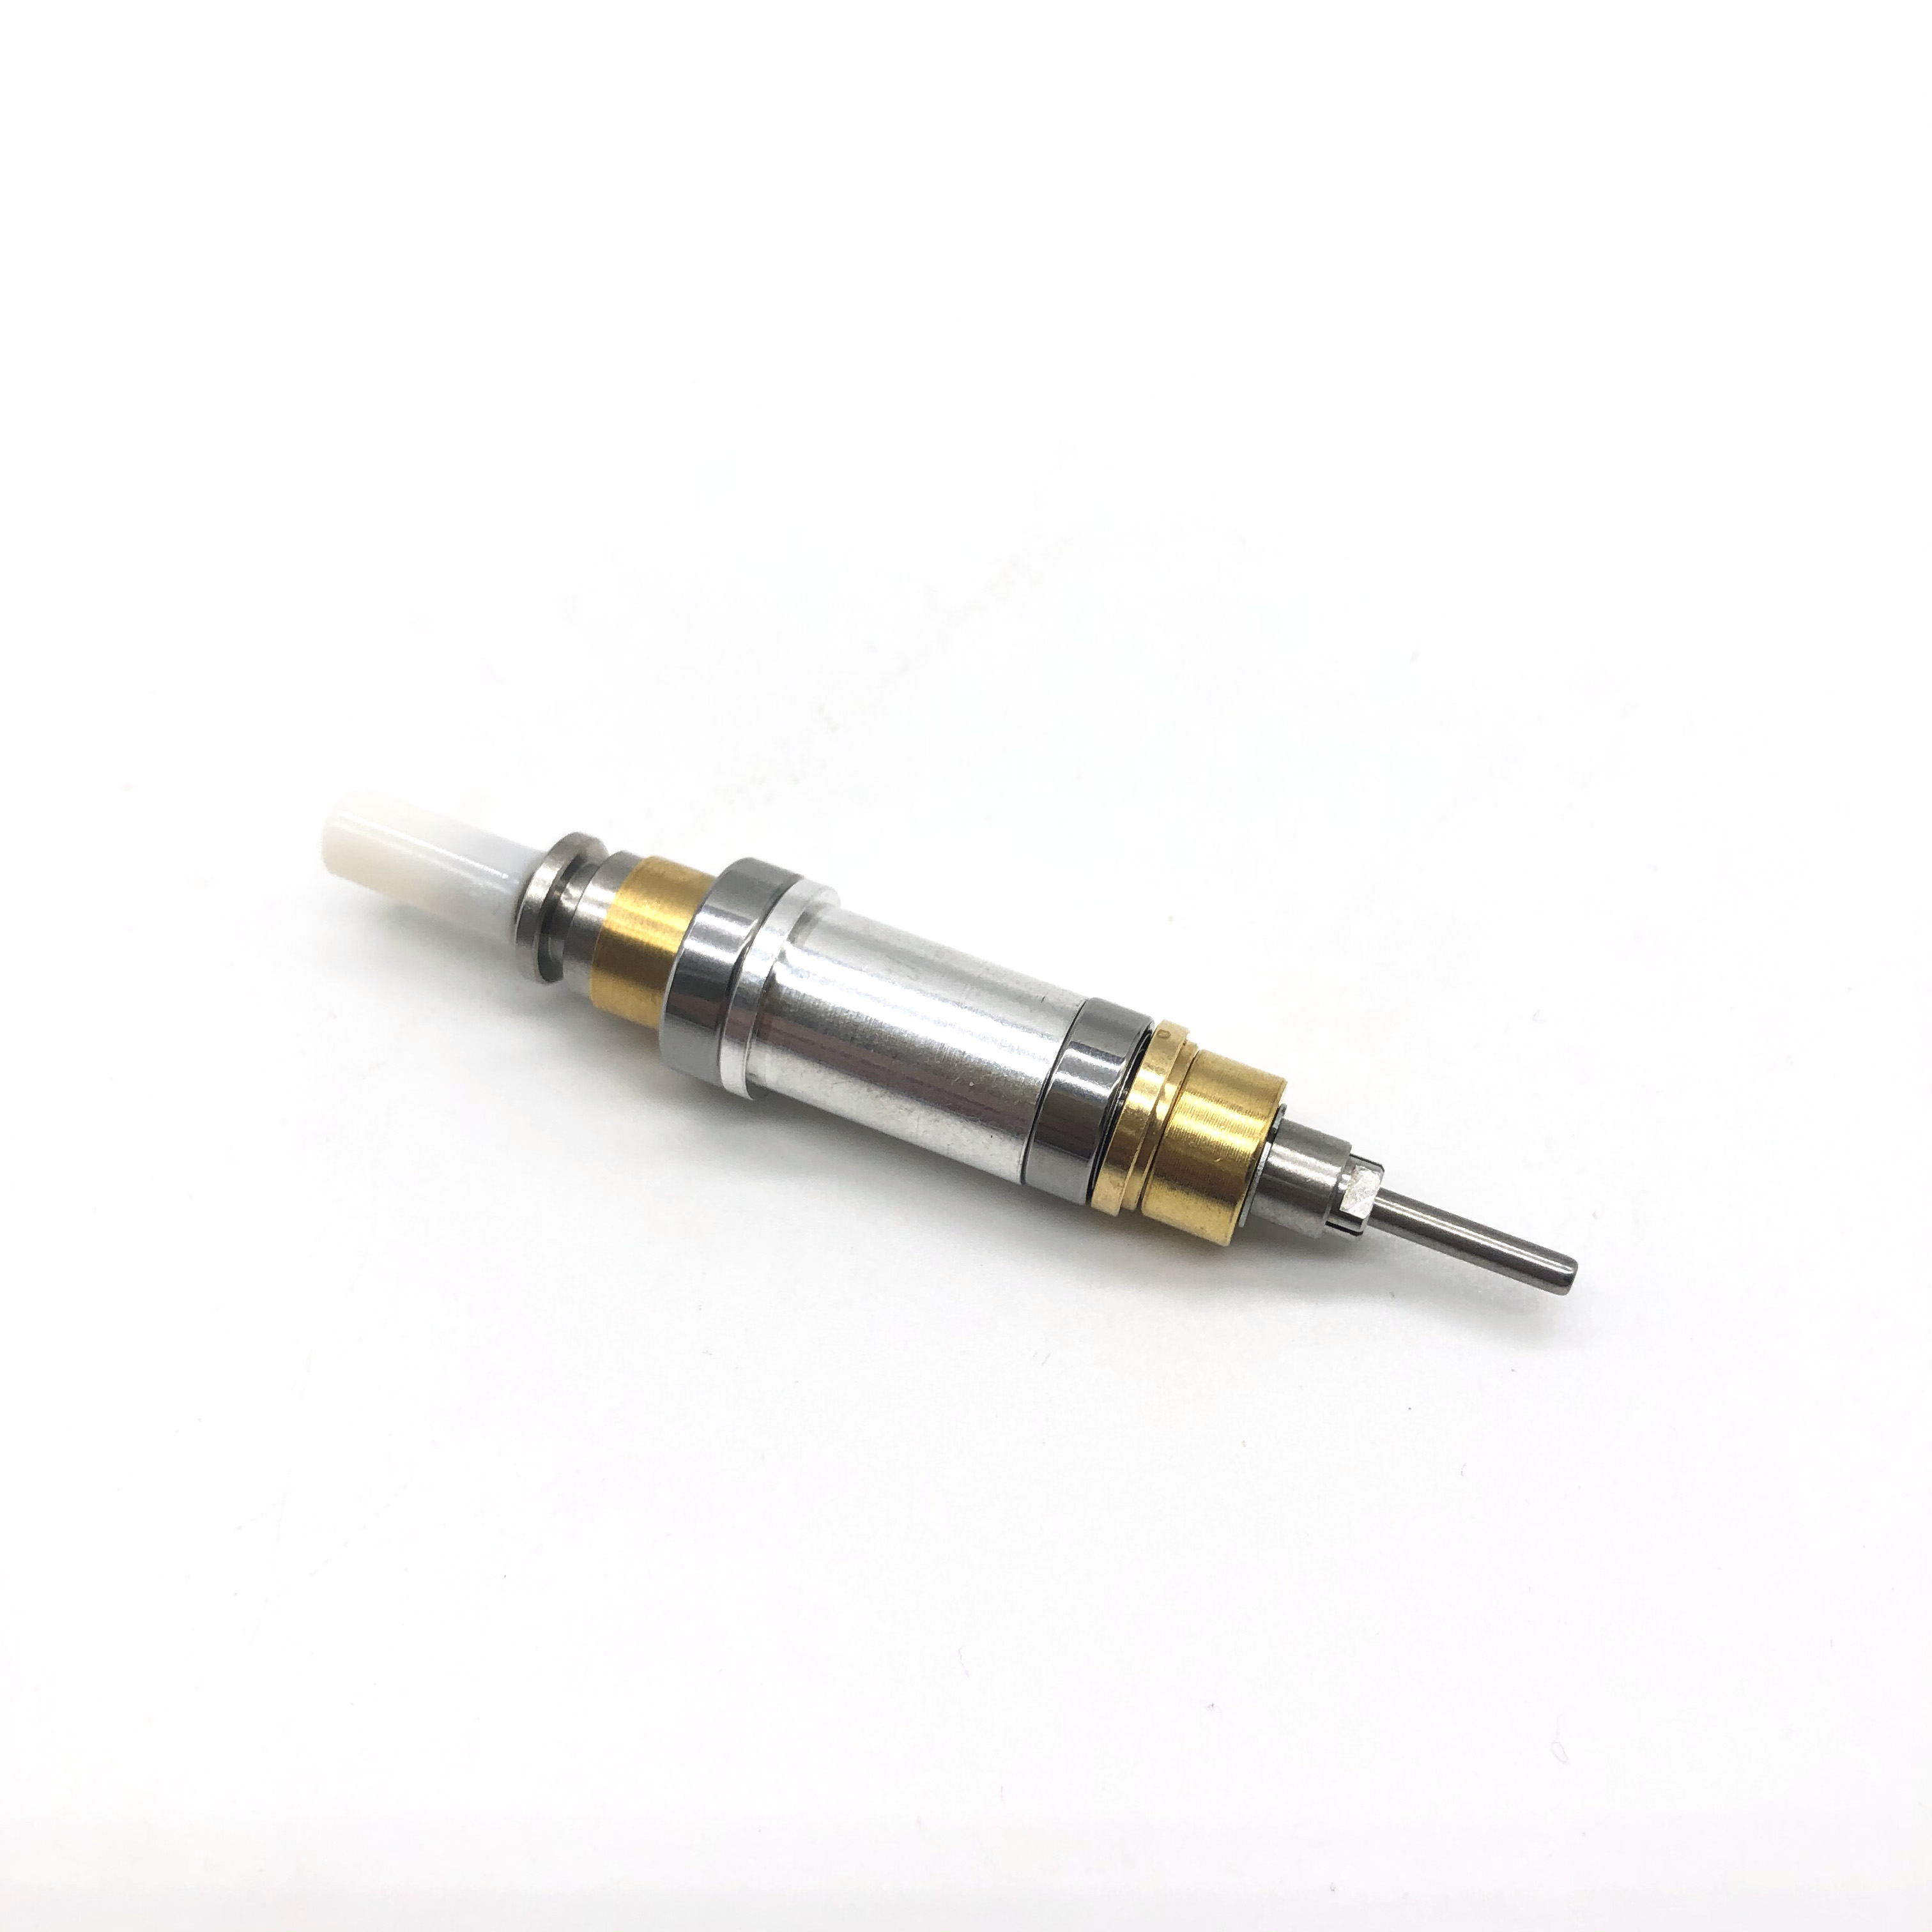 Сильный 210 102L 105L ручка шпинделя для электрического маникюрного станка ногтей дрель Фрезерные фрезы аксессуары|Принадлежности для дизайна ногтей|   | АлиЭкспресс